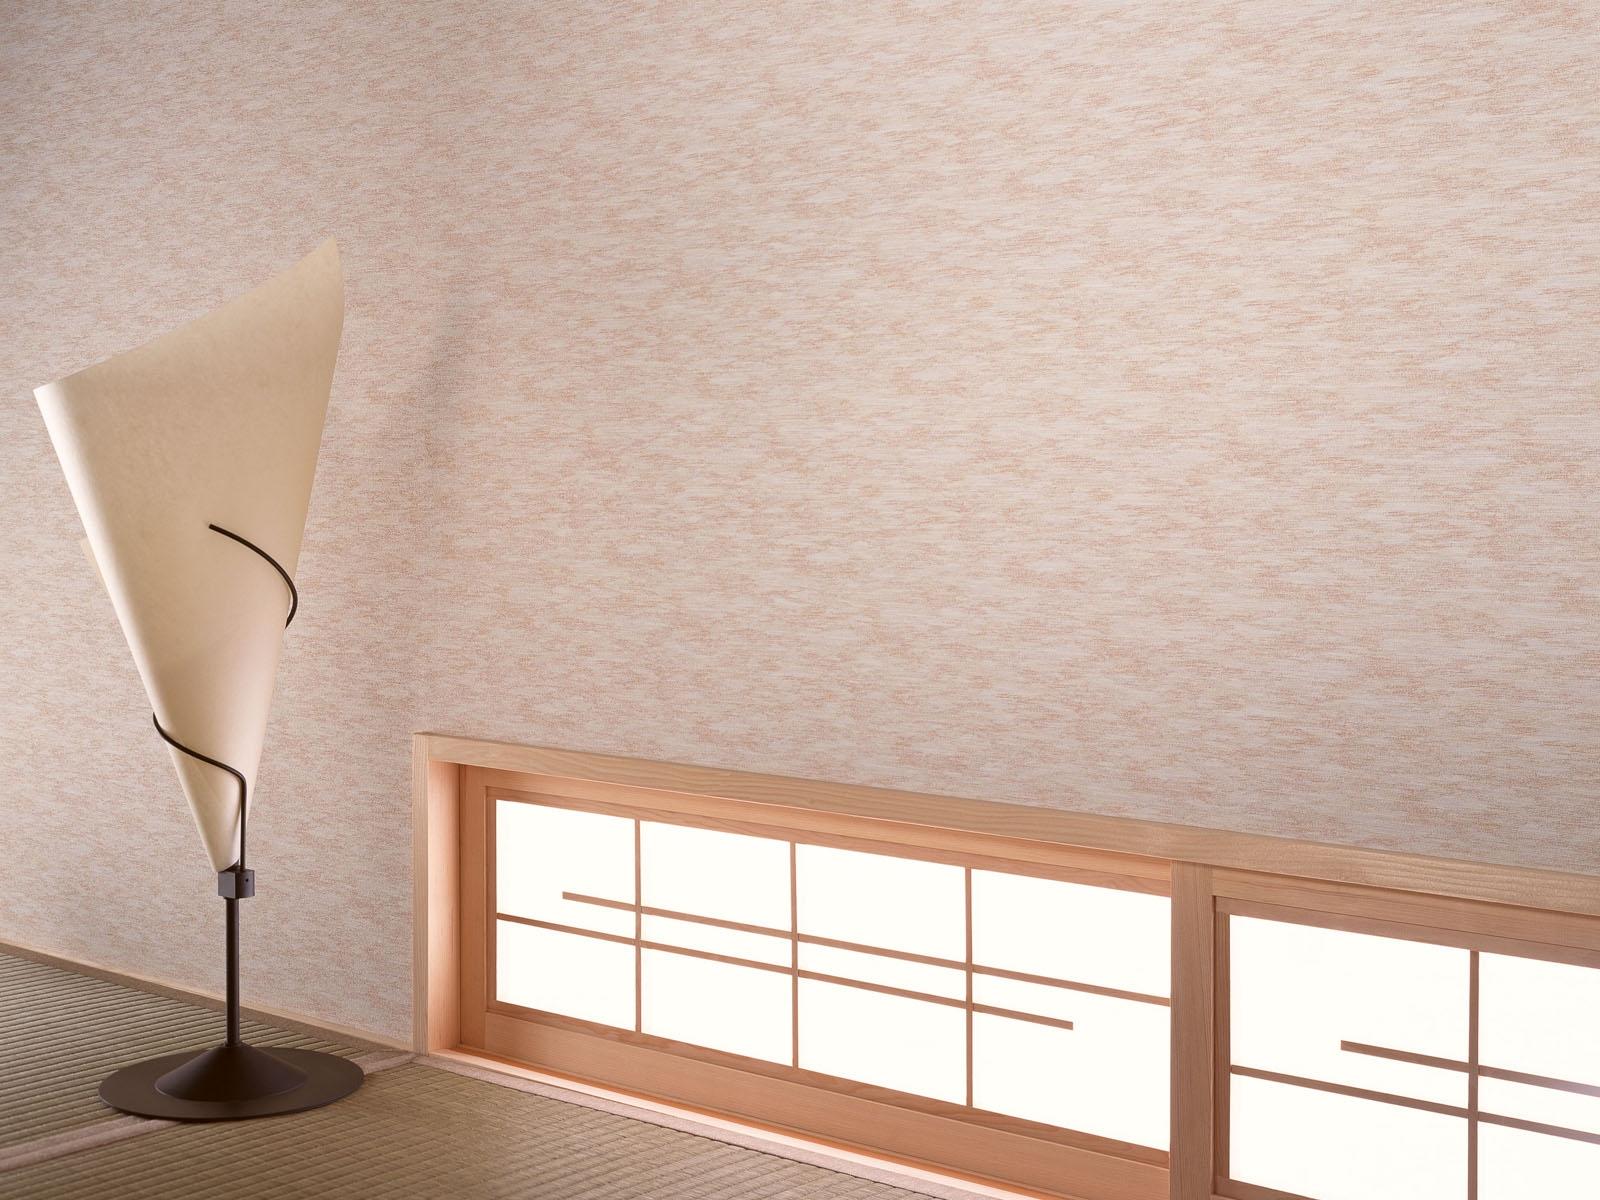 Fond D Cran Mur Bois Lampe Design D Int Rieur Pl Tre  # Image Meubles En Platre